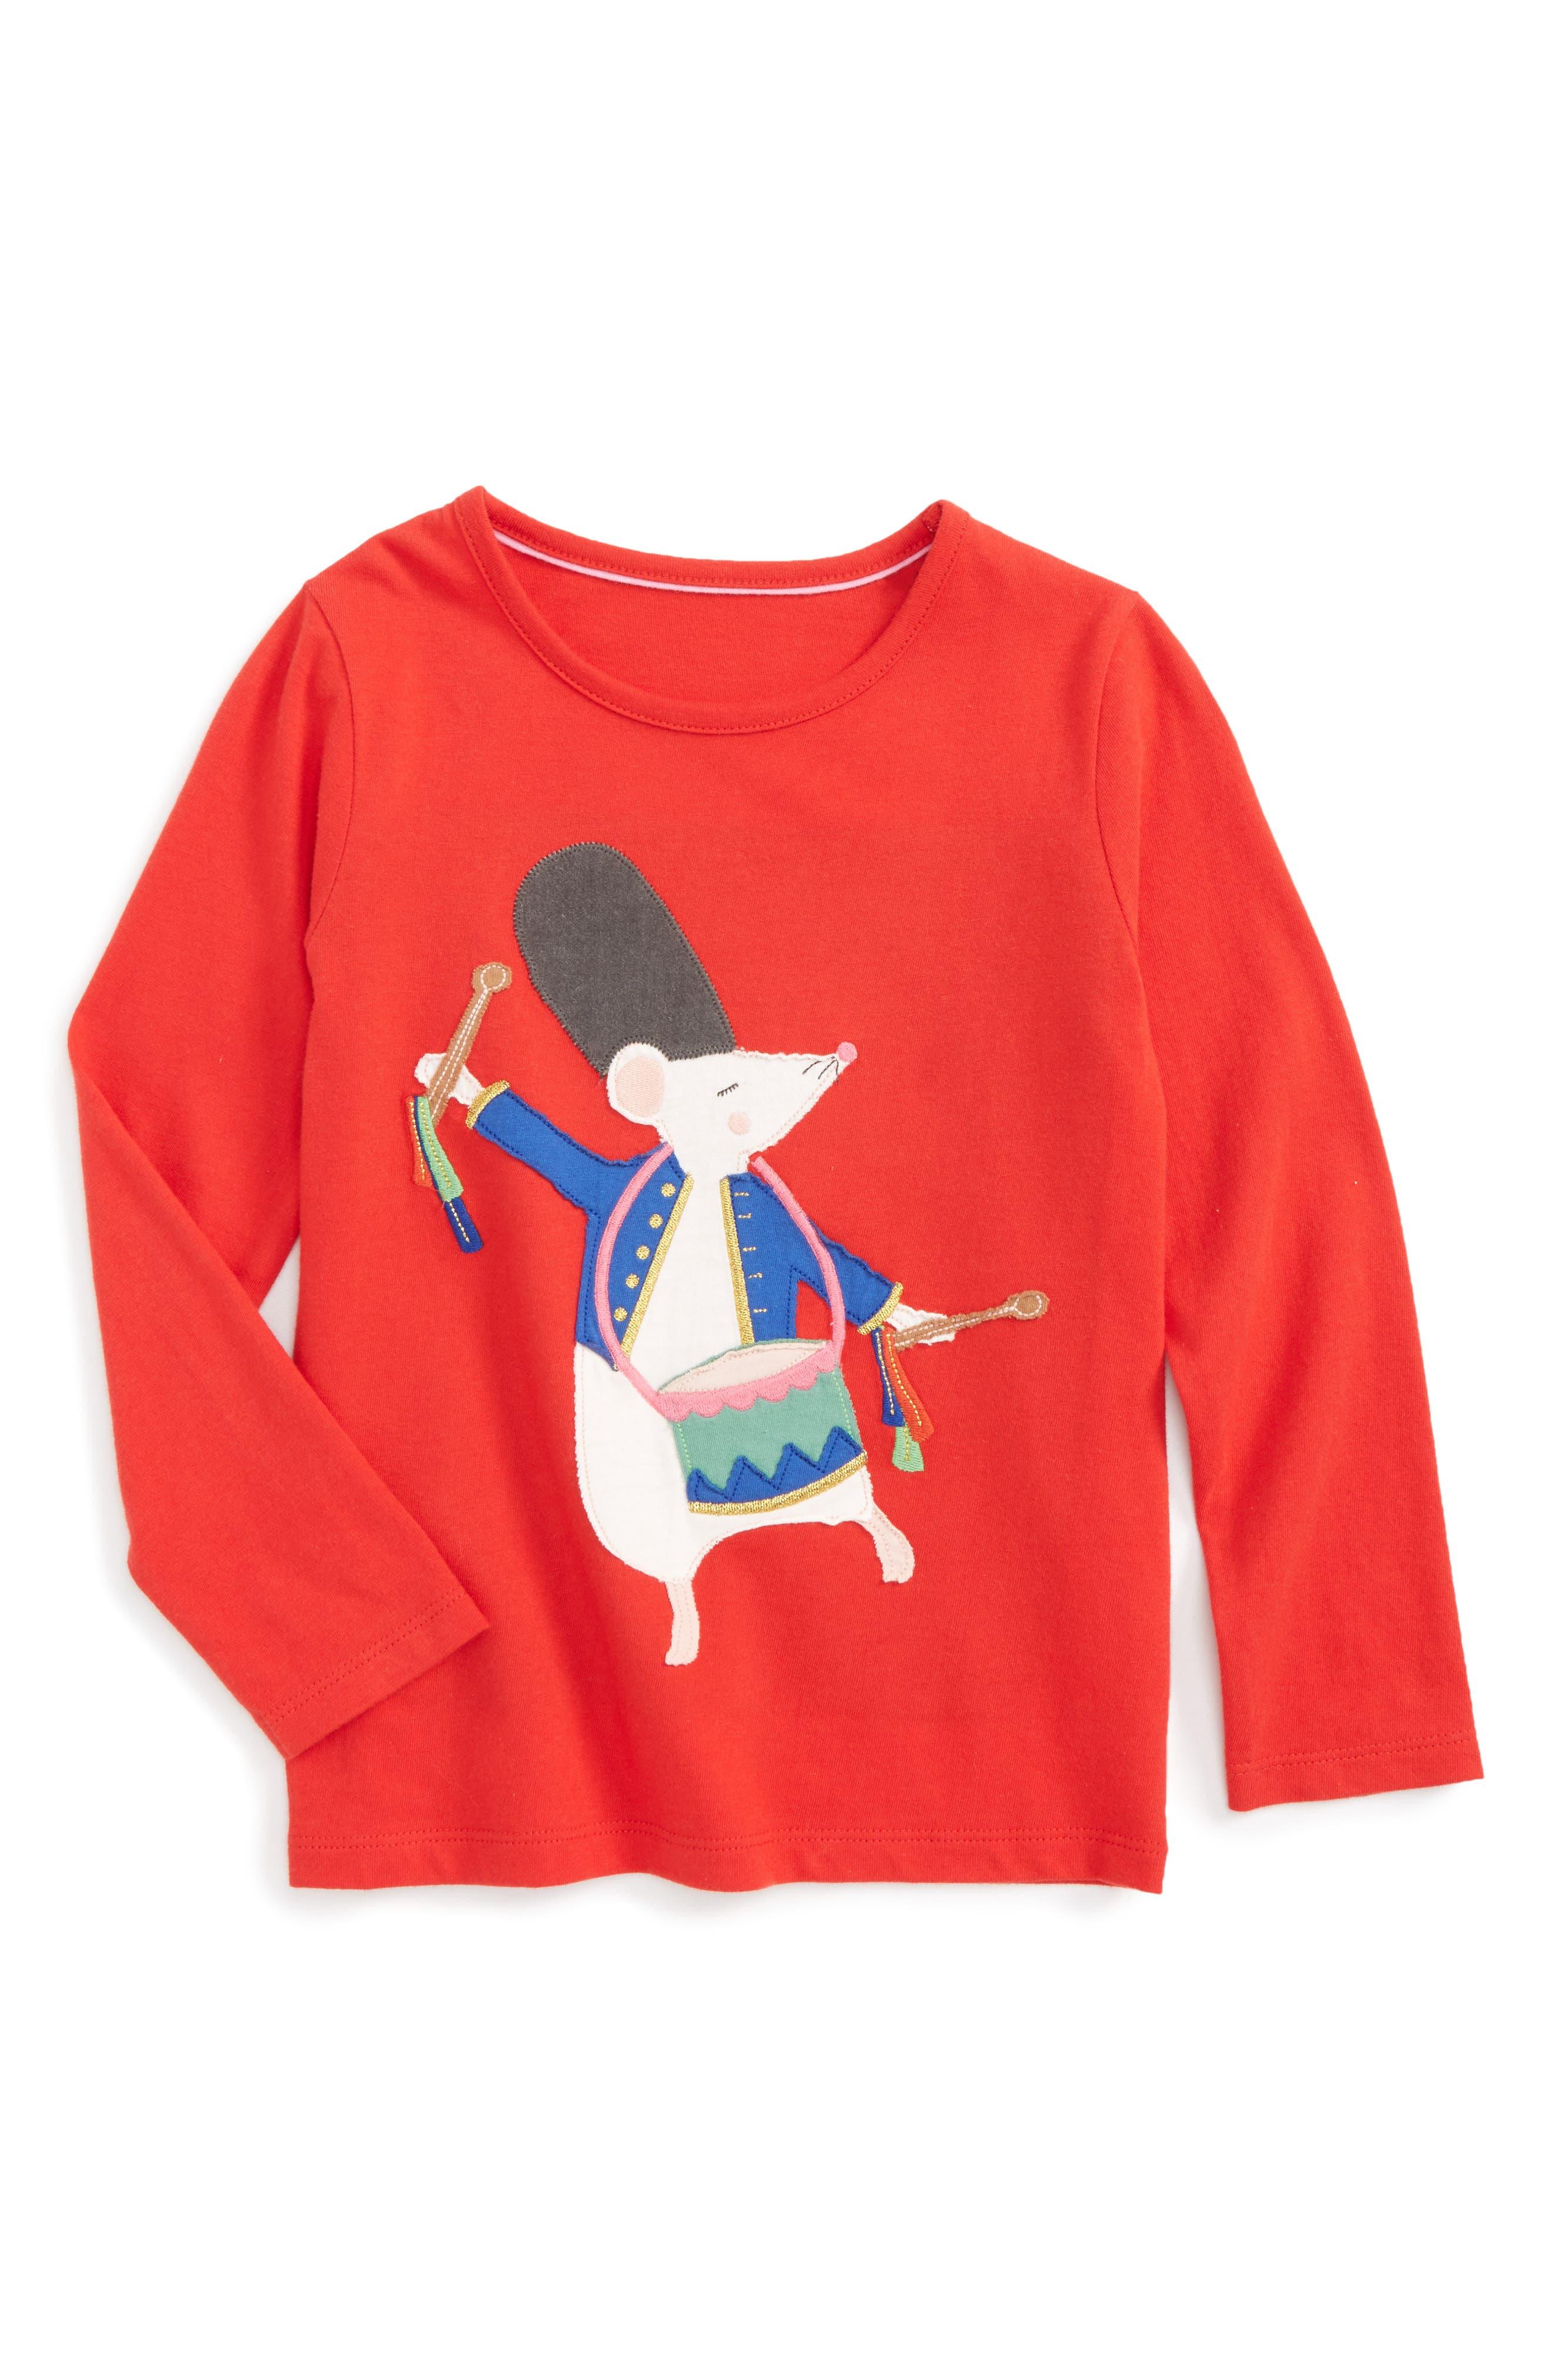 Mini Boden Christmas Storytelling Appliqué Tee (Toddler Girls, Little Girls & Big Girls)